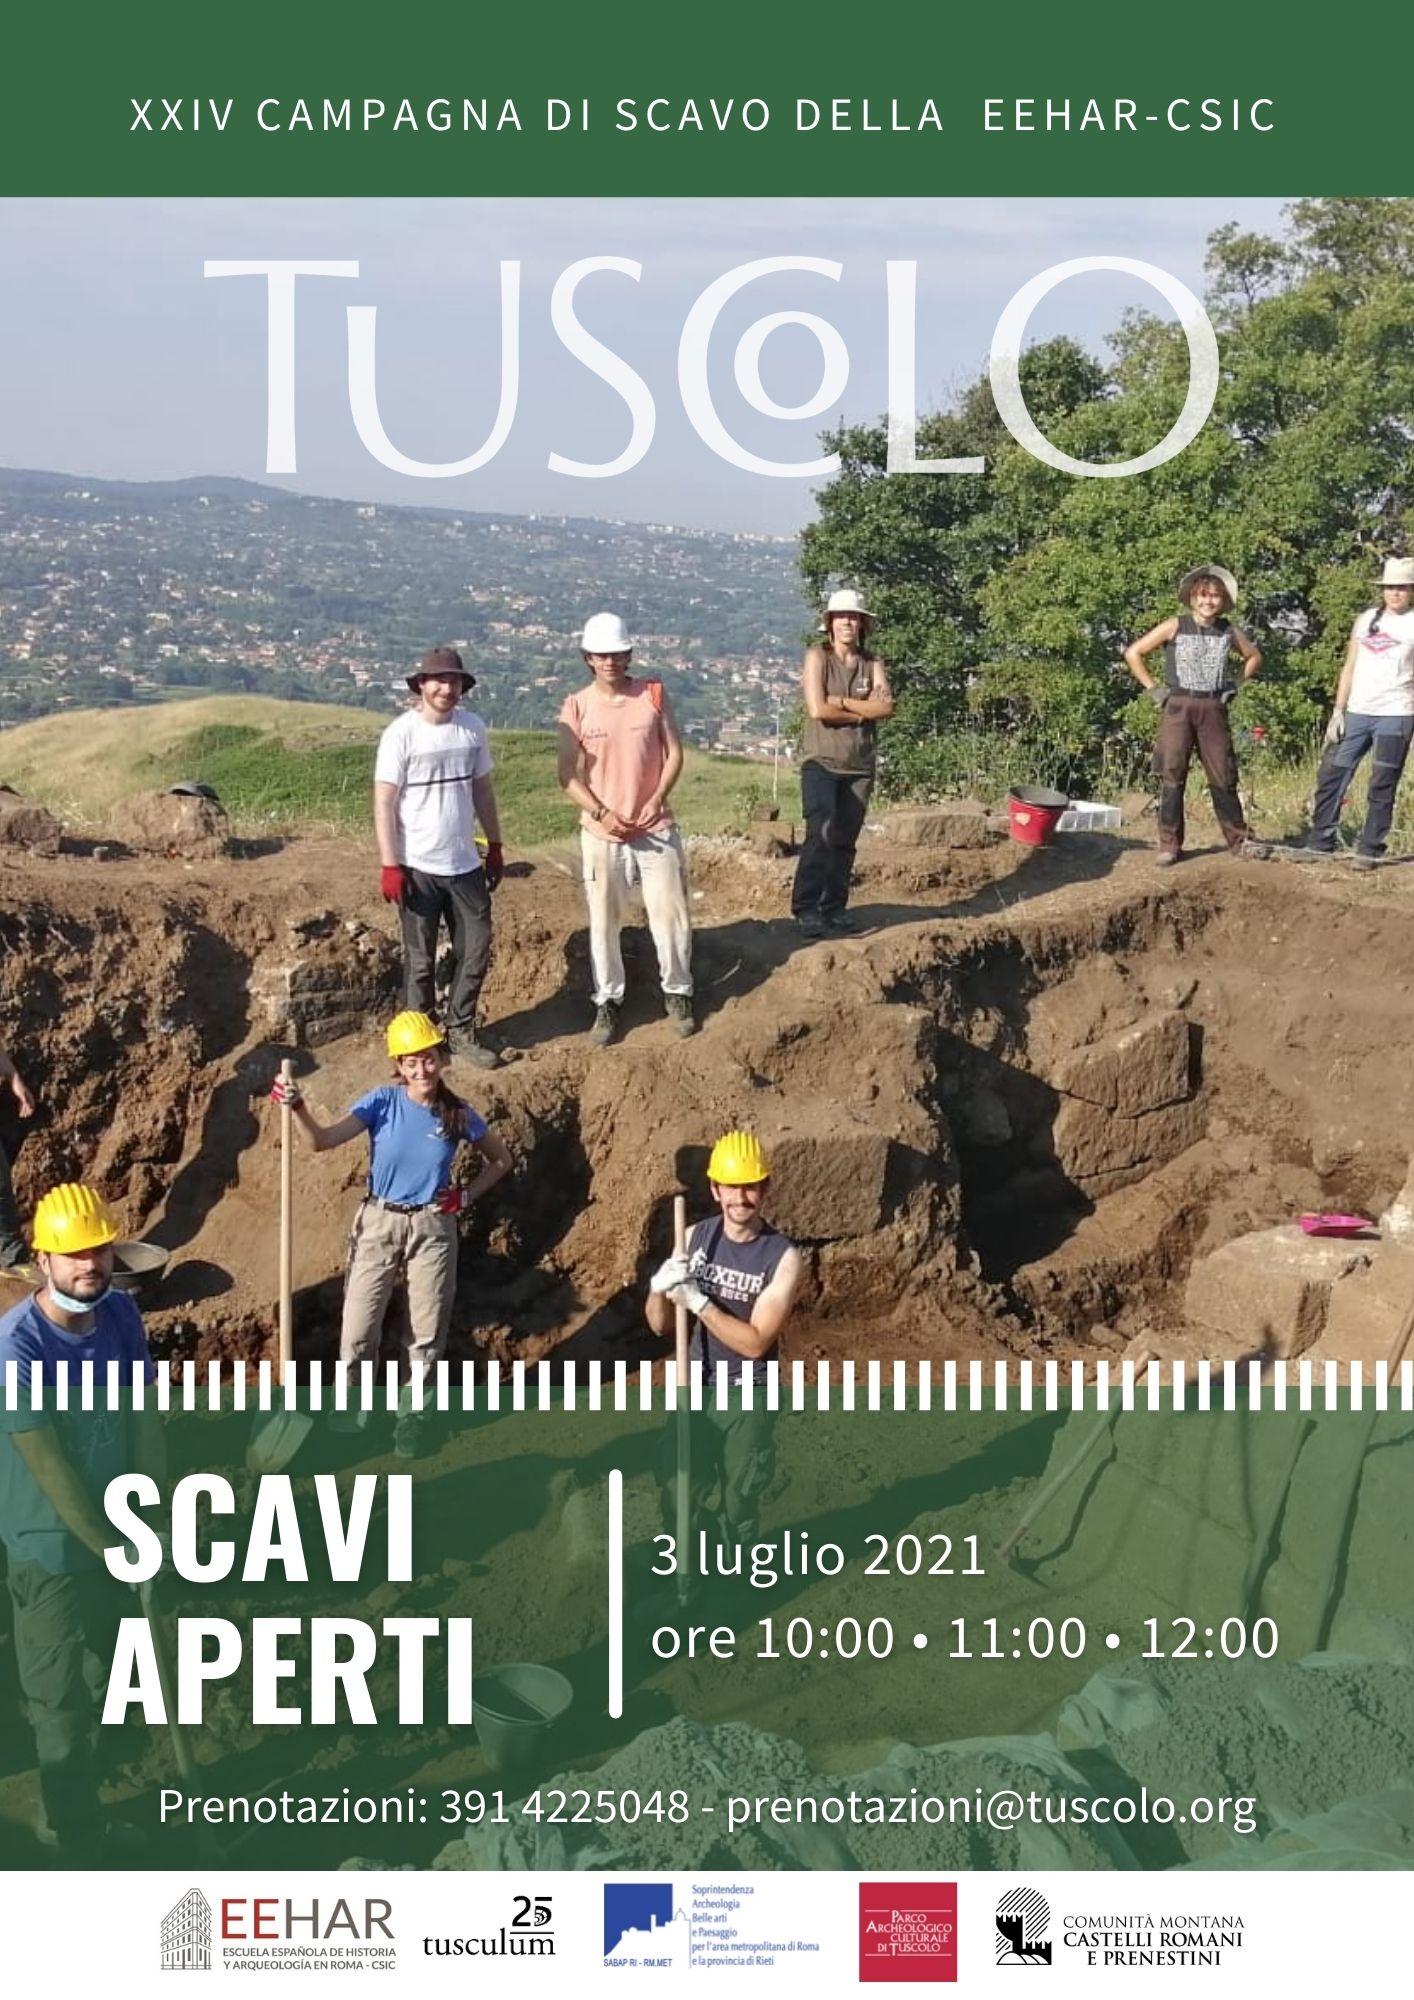 3 LUGLIO 2021 - SCAVI APERTI PER TUTTI NEL PARCO ARCHEOLOGICO DI TUSCOLO